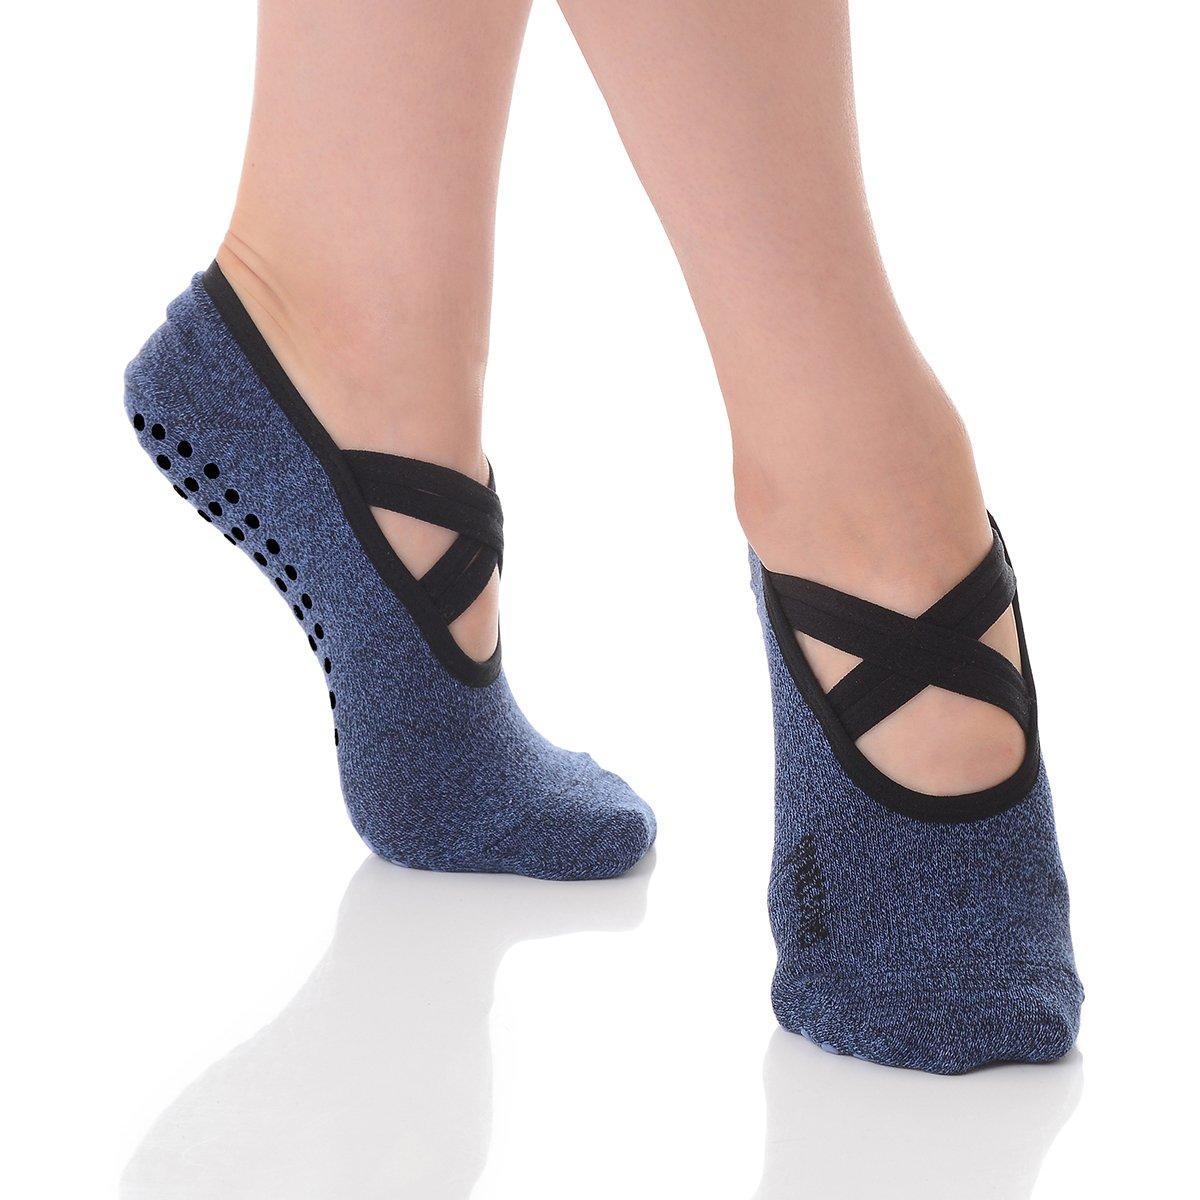 Great Soles Ballet Socks with Grip for Women - Non Slip Yoga Socks for Pilates, Barre (Juliet Denim)